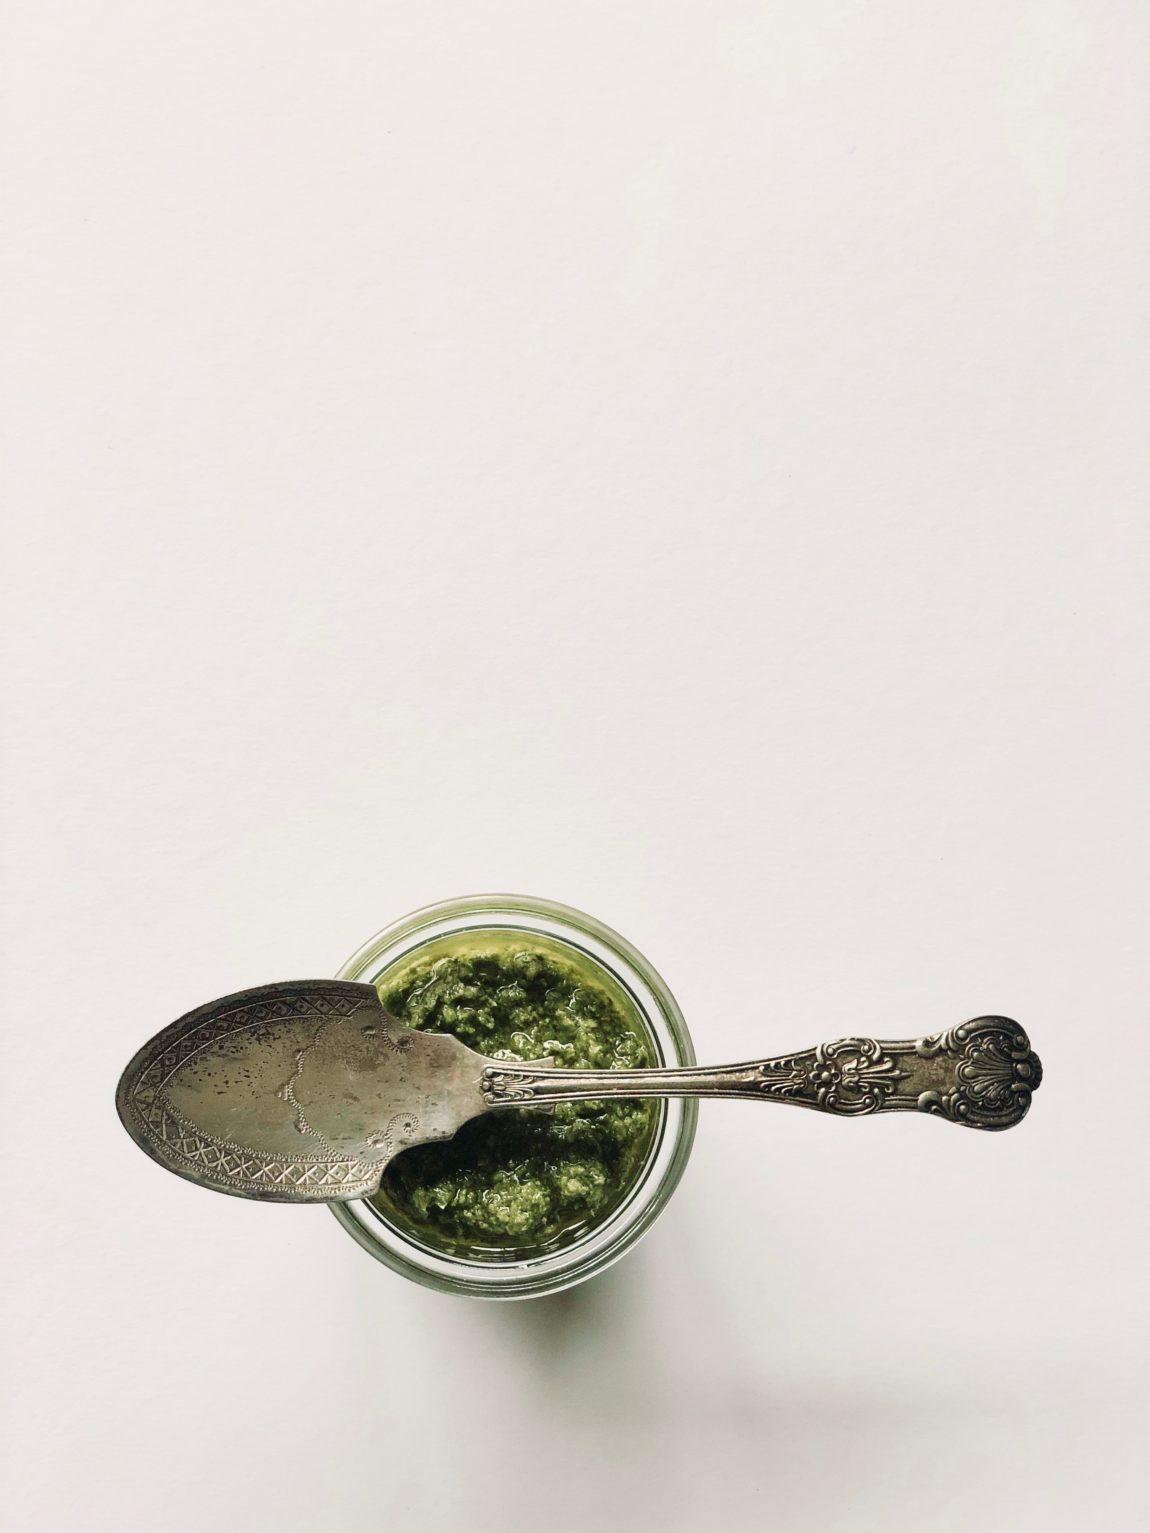 Schnittlauch Saison perfekt für Pesto